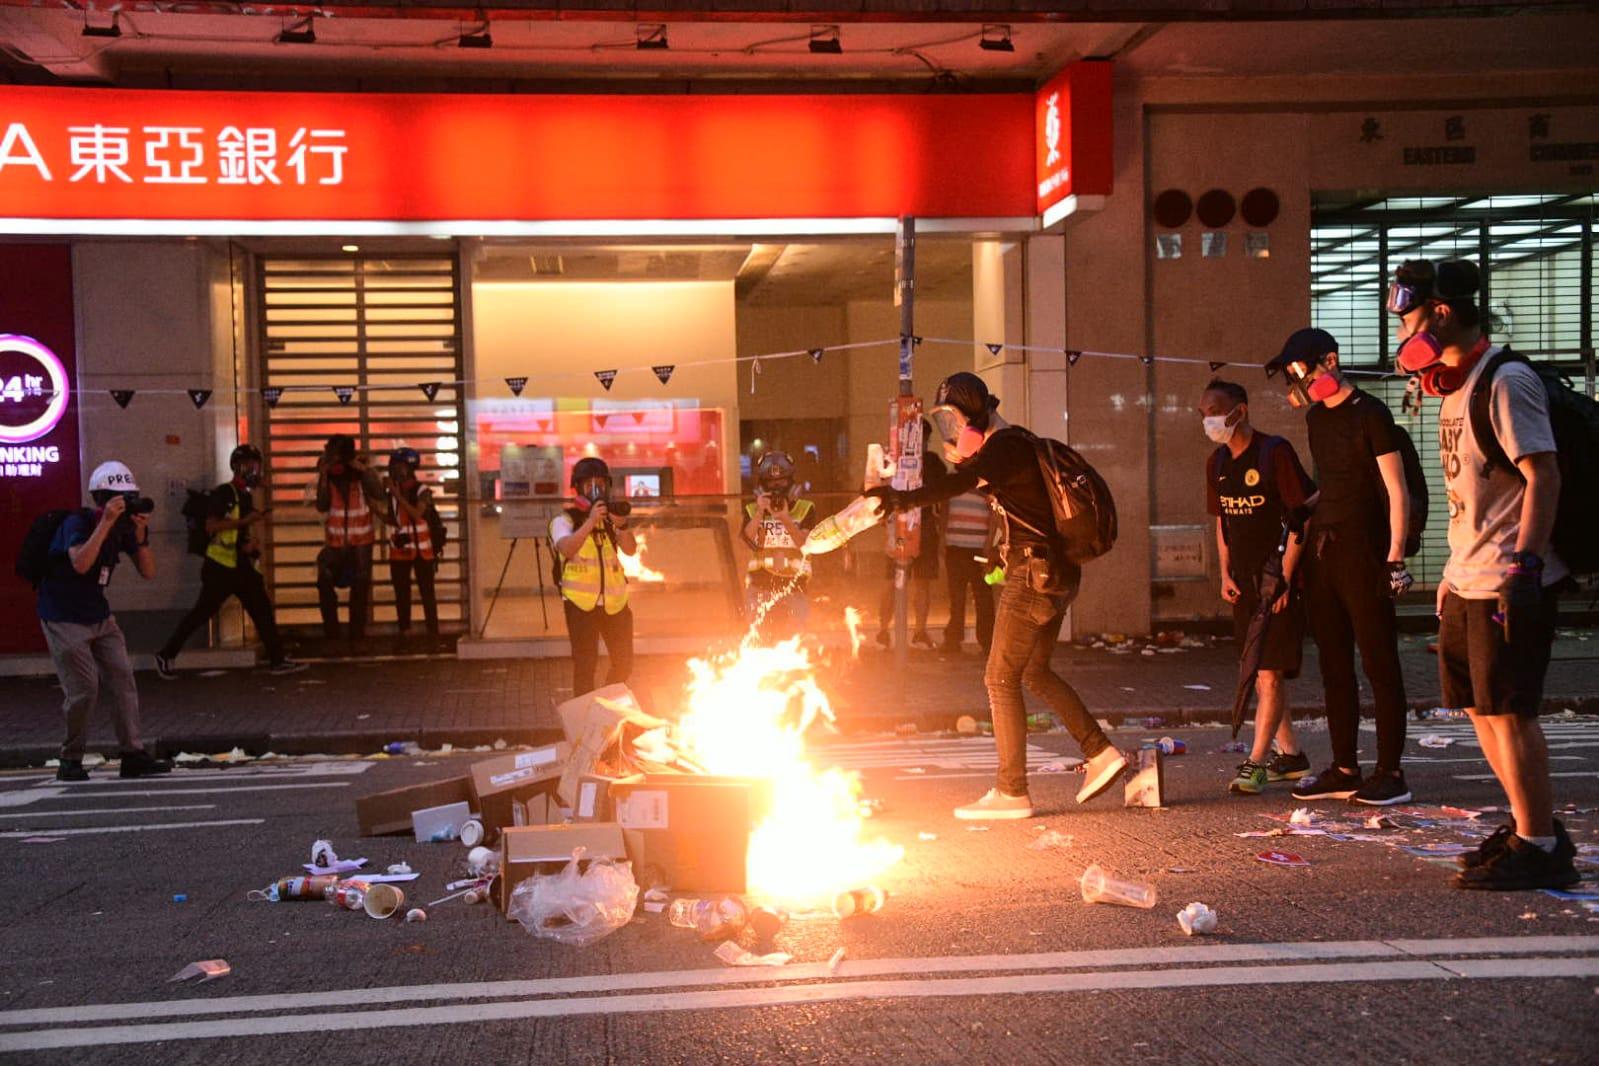 警評會職方指難以 理解為何被捕中大學生應該獲得機制以外,有別於其他香港市民的對待。資料圖片